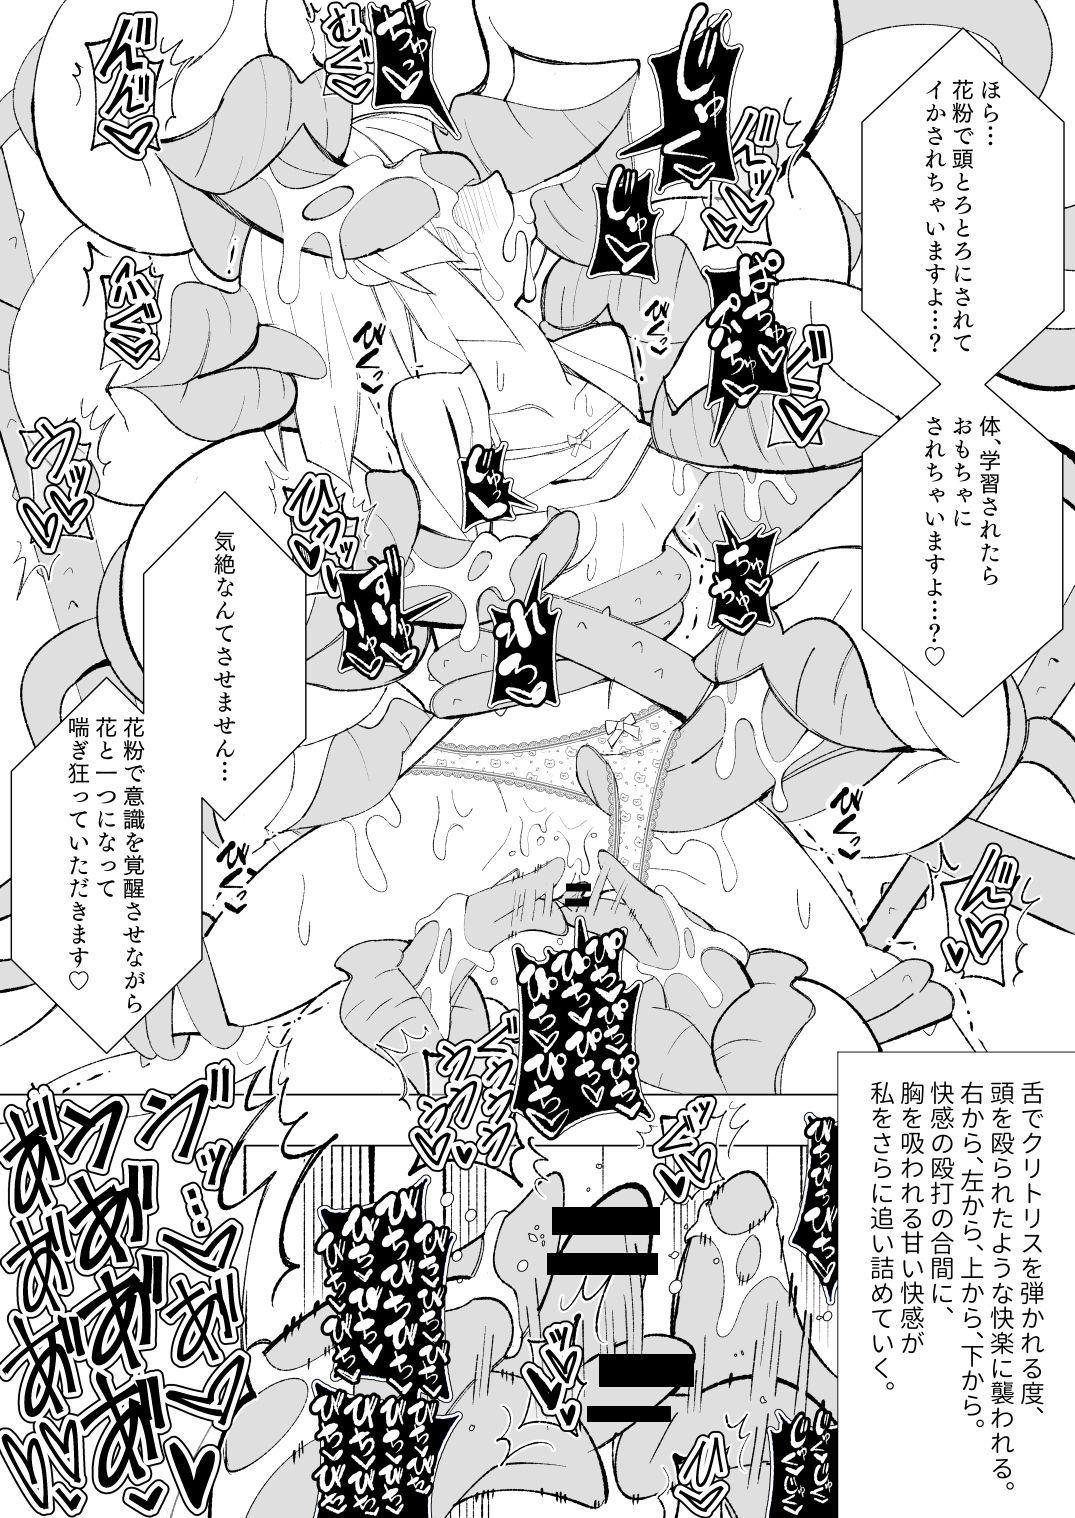 Ishu kan fūzoku-gai3 shokubutsu shokushu × rori 20